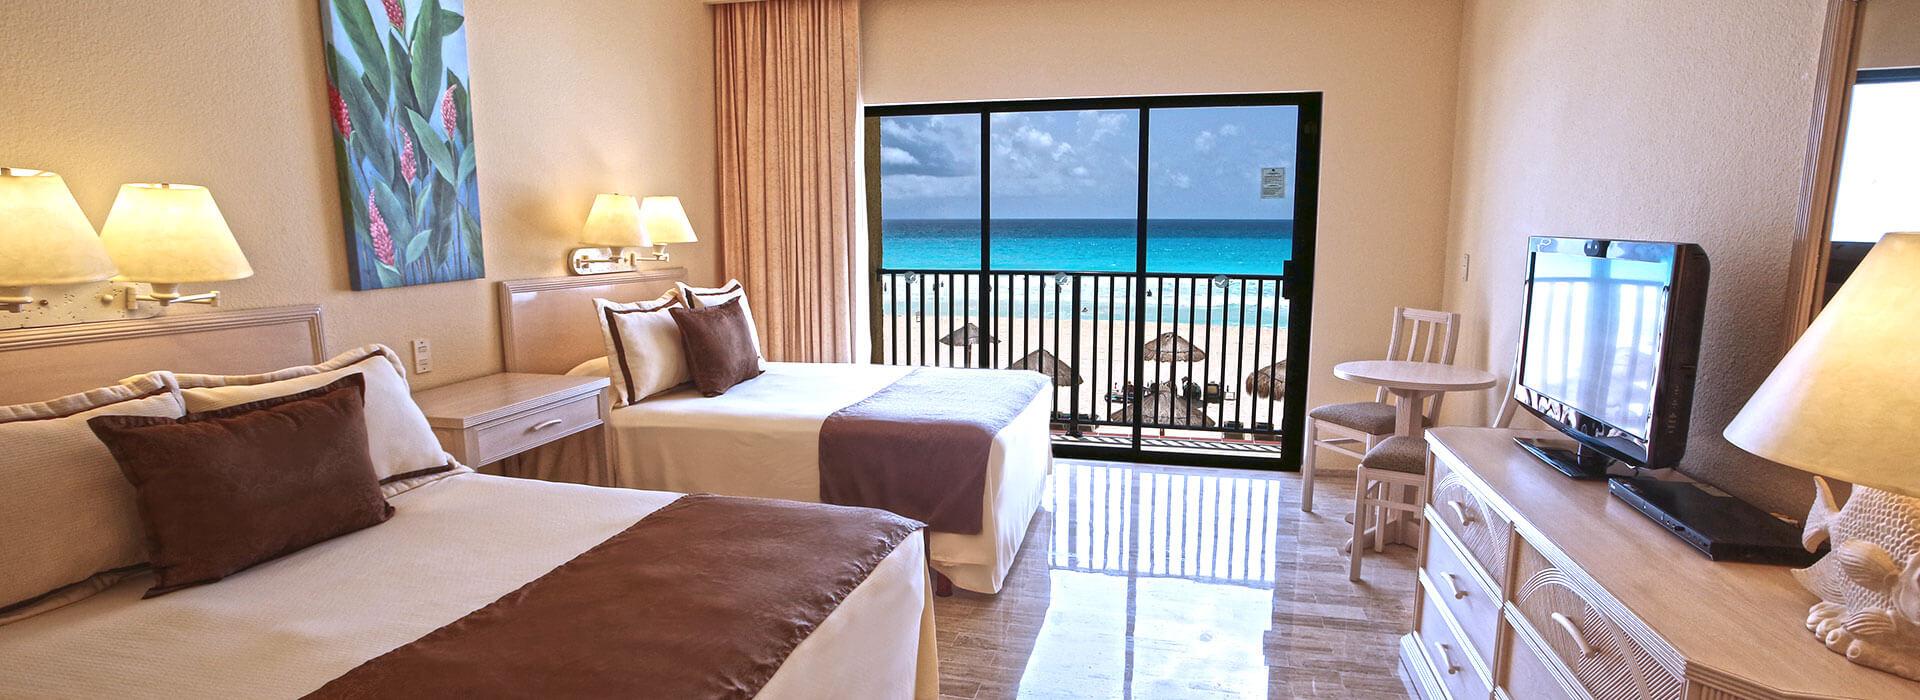 Double Junior Suite Beachfront